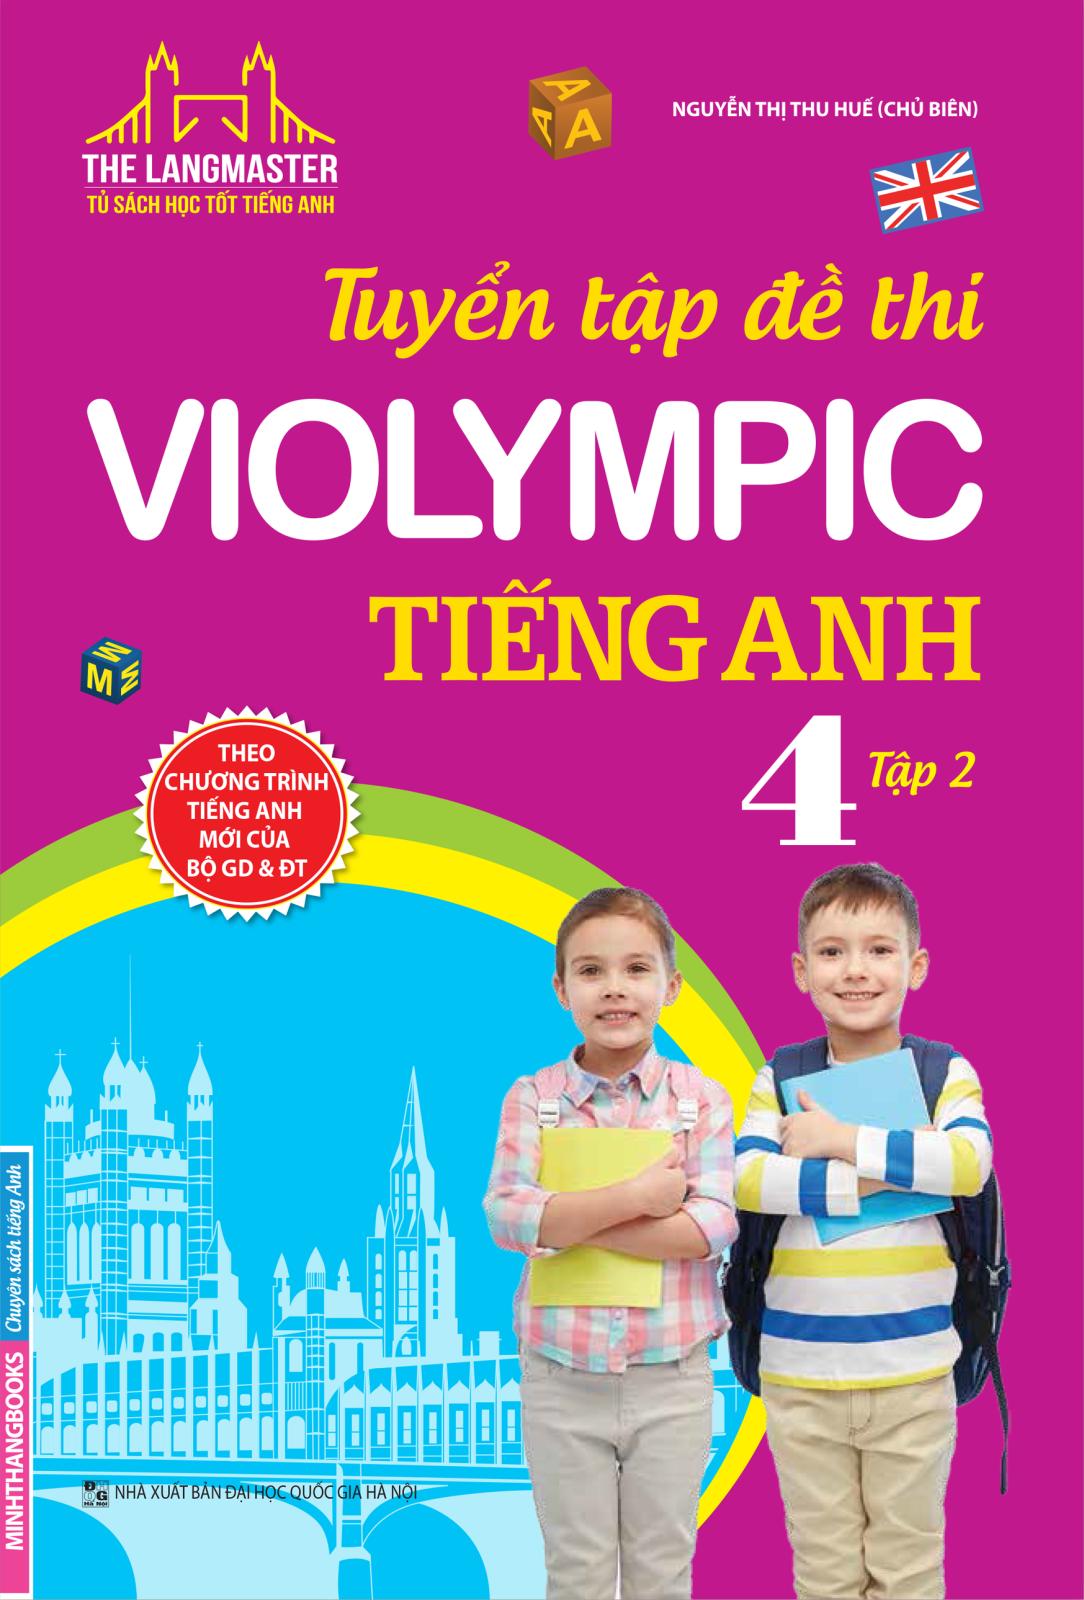 THE LANGMASTER - TUYỂN TẬP ĐỀ THI VIOLYMPIC TIẾNG ANH 4 TẬP 2 - EBOOK/PDF/PRC/EPUB